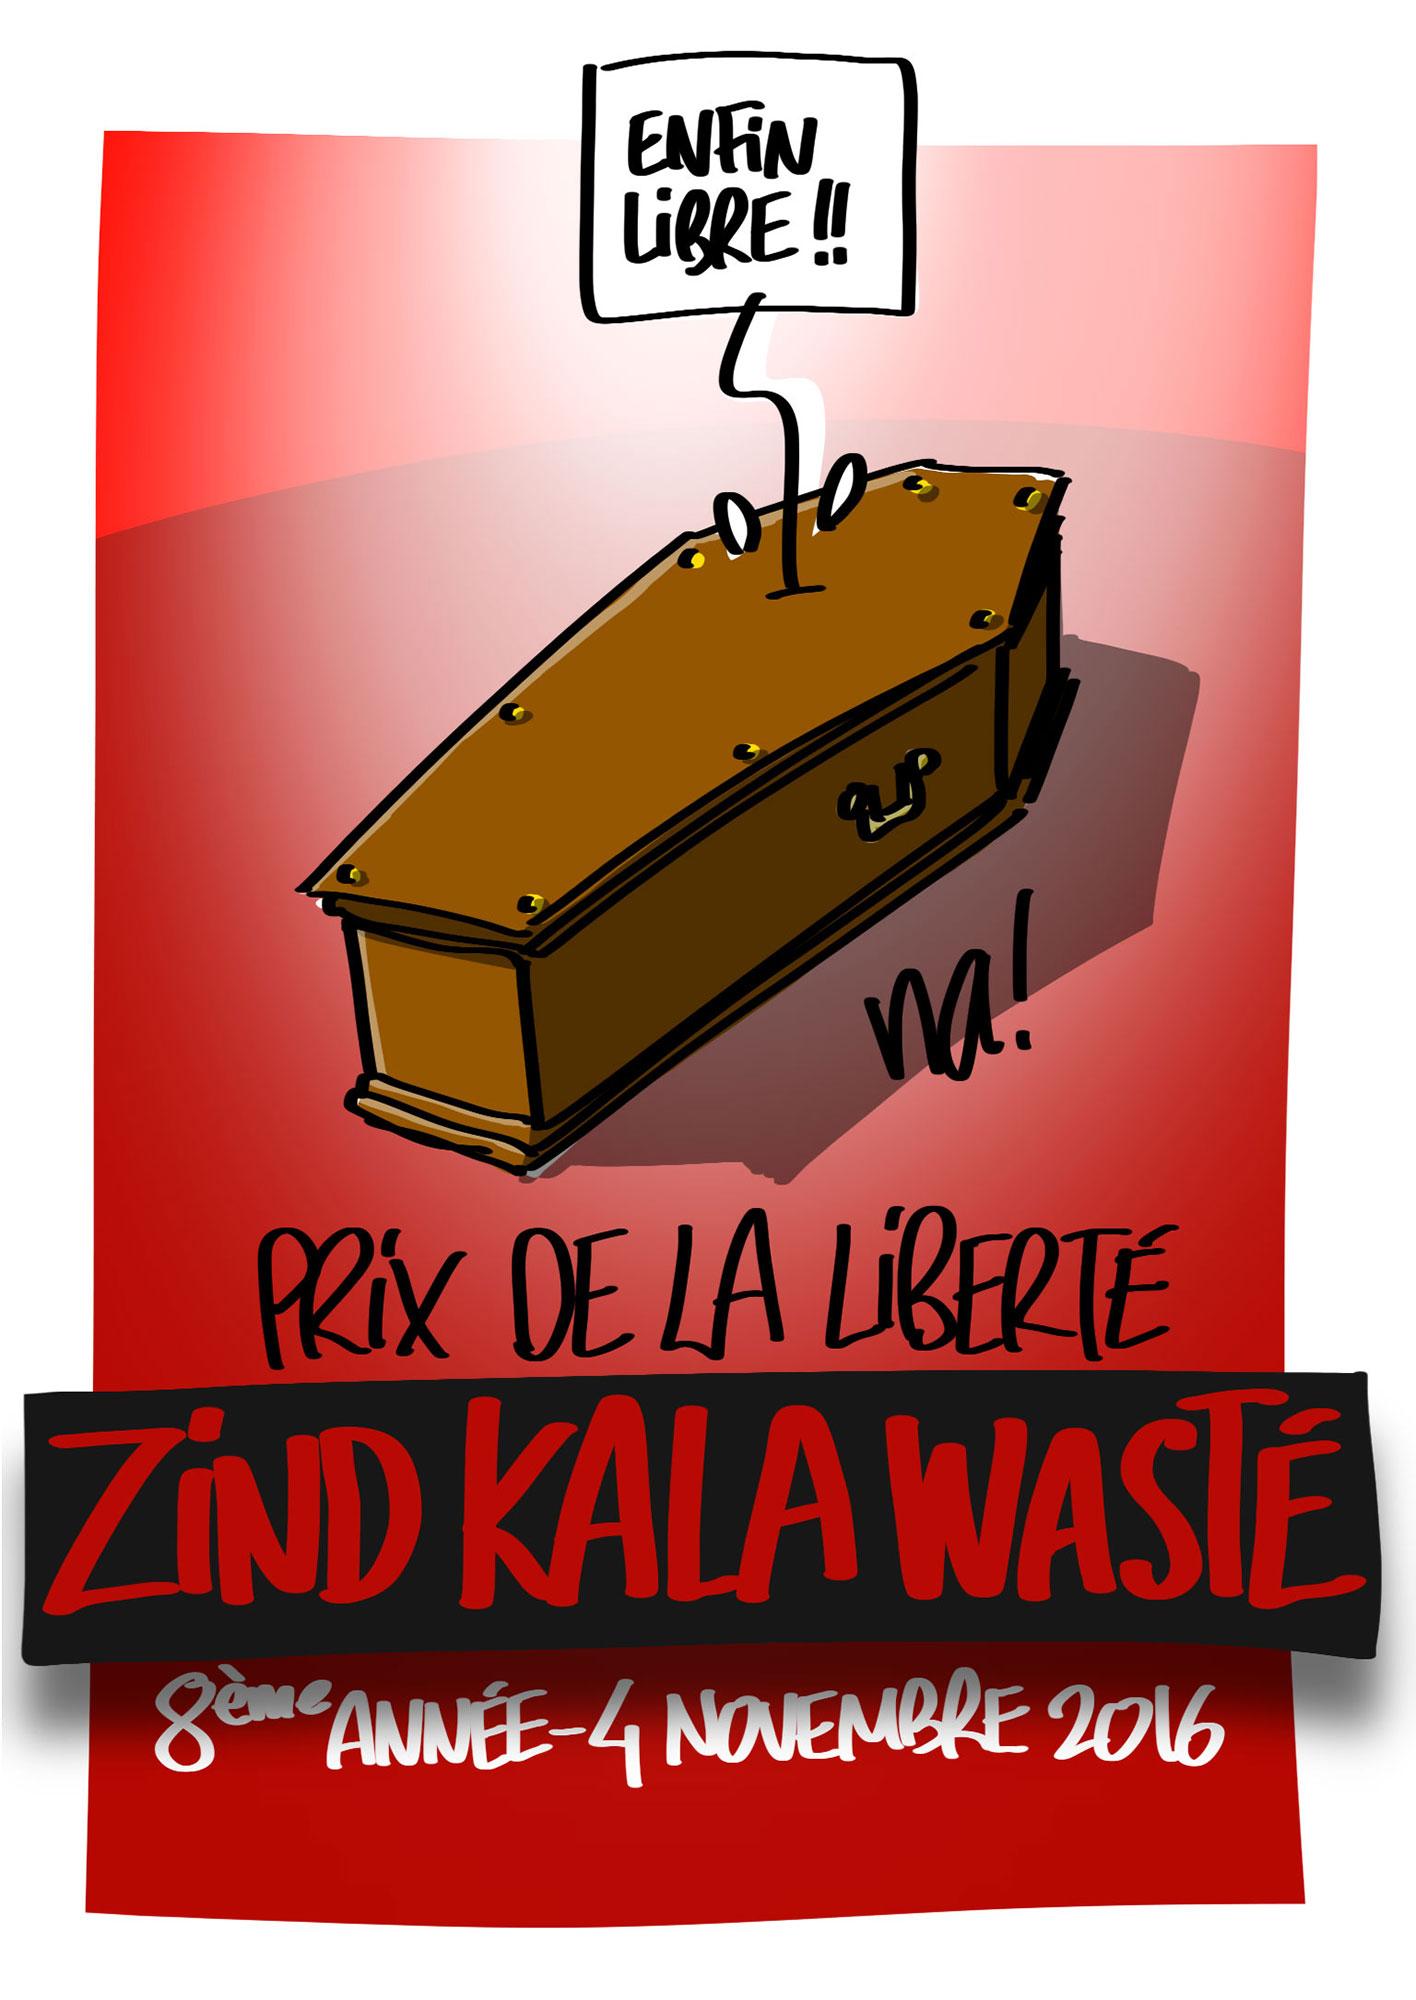 Na ! Dessinateur de presse - Zind Kala Waste